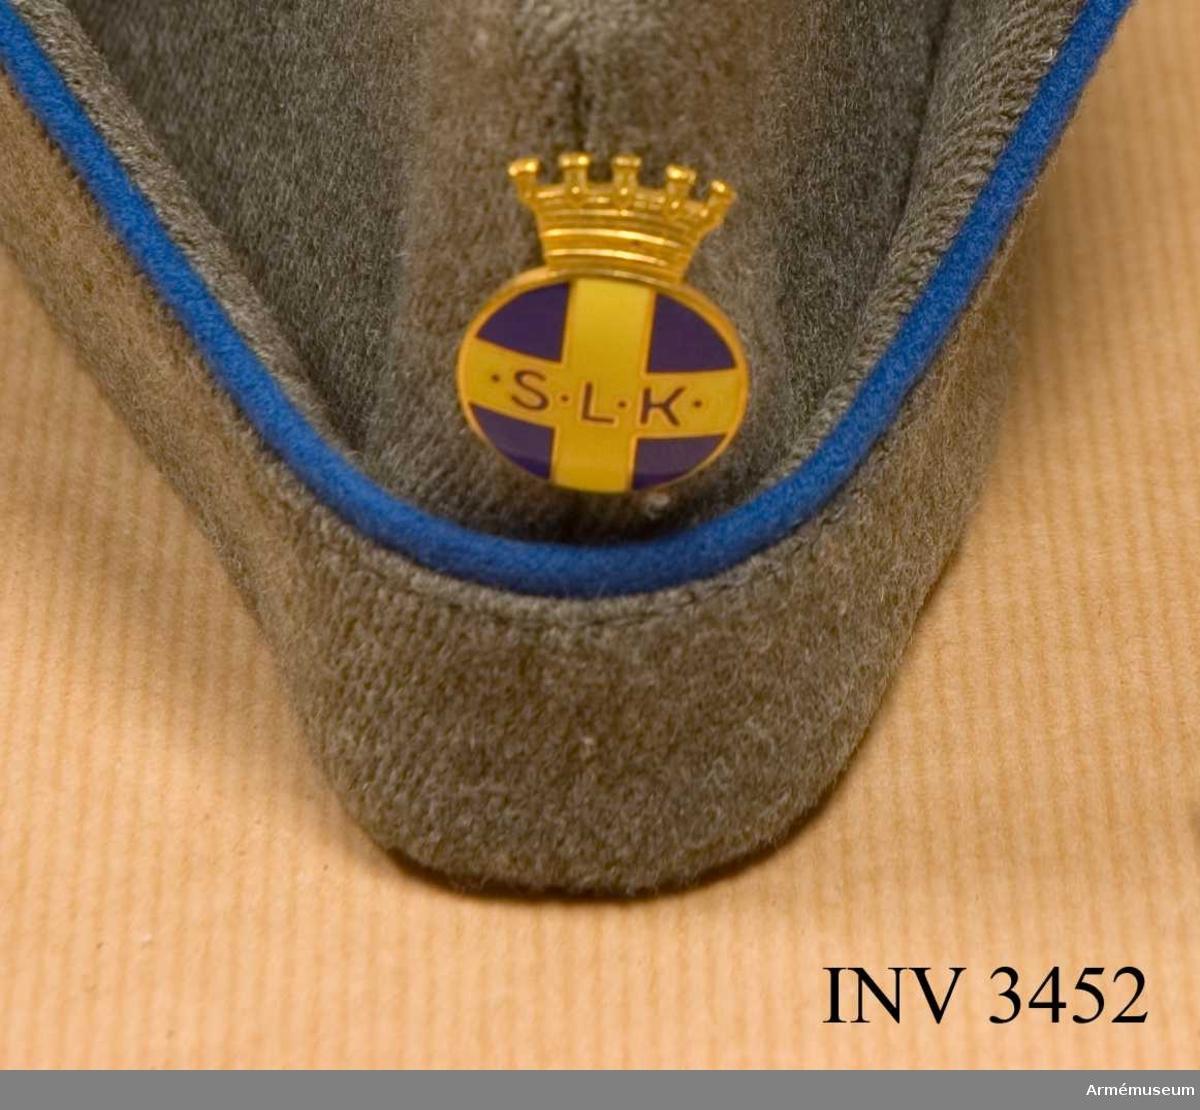 Gott skick. Diameter: 20 mm. Höjd med krona: 25 mm.Lottabroschen fästes i mössan ovanför den uppvikta kanten. Utförd av Sporrongs i förgylld metall och med framsidan täckt med i emalj, ett gult kors på blå botten. På det horisontellt liggande gula fältet står i blå emalj kantat med guld: S L K (Riksförbundet Sveriges Lottakårer). Märket är krönt med kunglig krona. Sitter på mössa AM.003453.